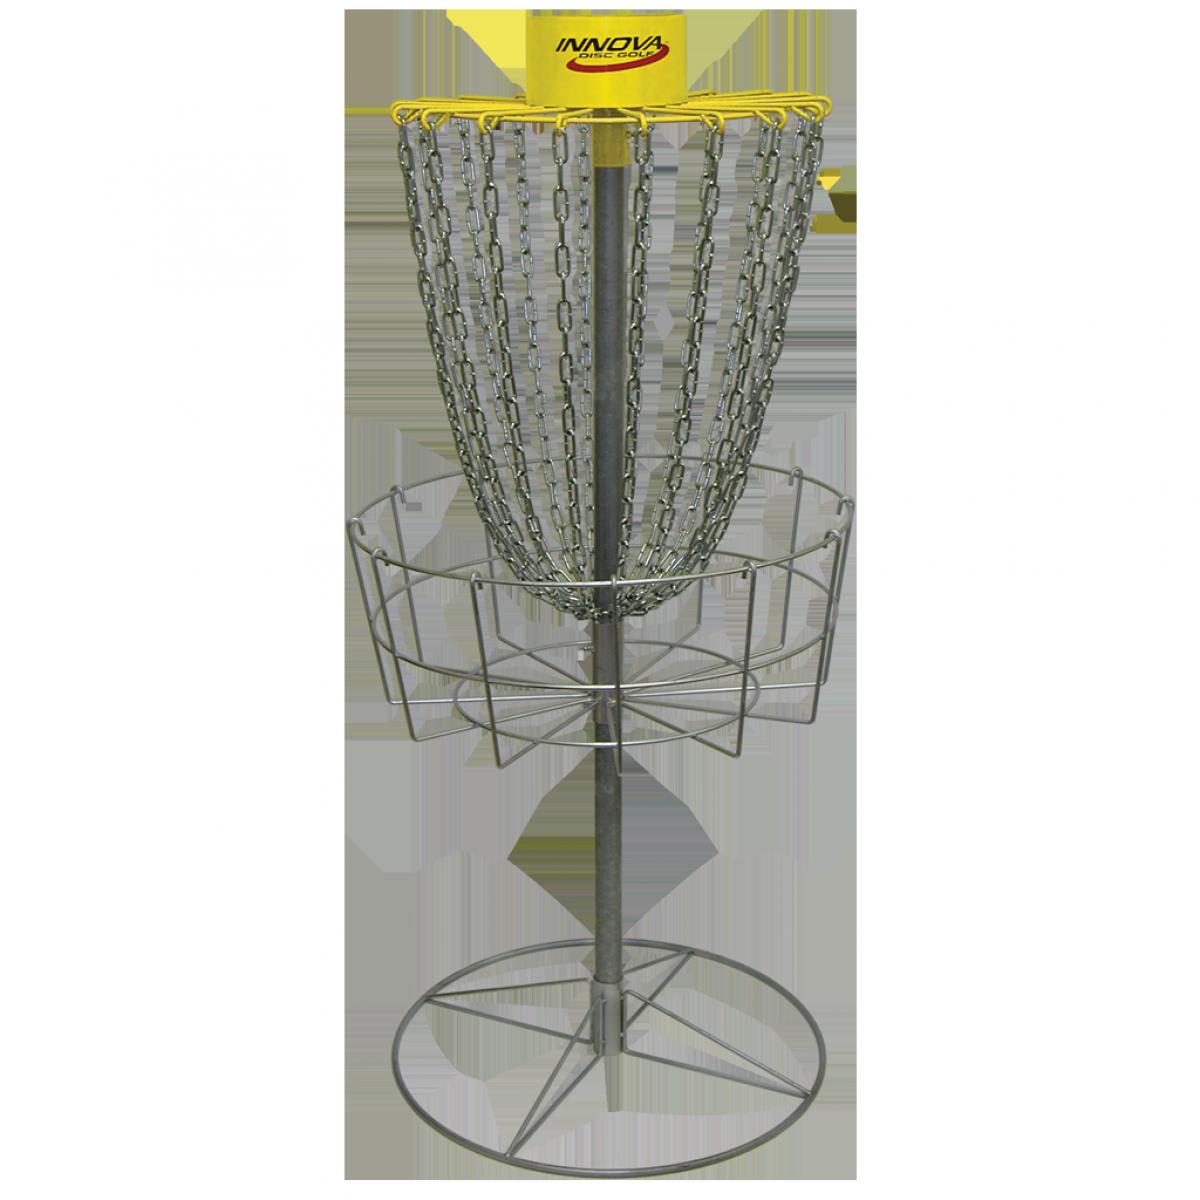 Disc Golf Course Equipment ~ Innova discatcher sport disc golf basket